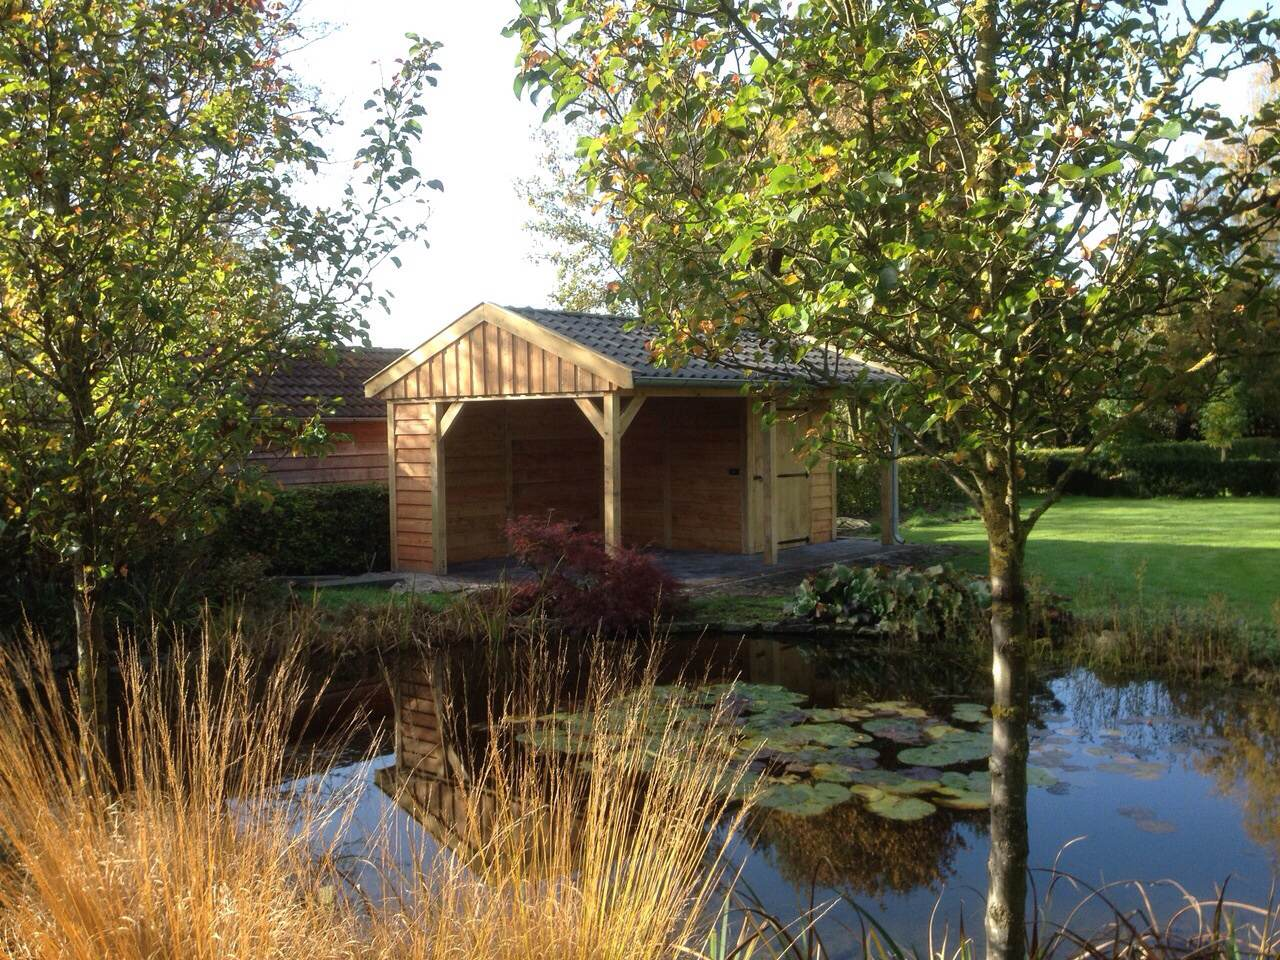 eikenhouten_tuinhuis_met_veranda_2 - Ontdek de charme en stijlvolle uitstraling van een eikenhouten bijgebouw in de natuur.